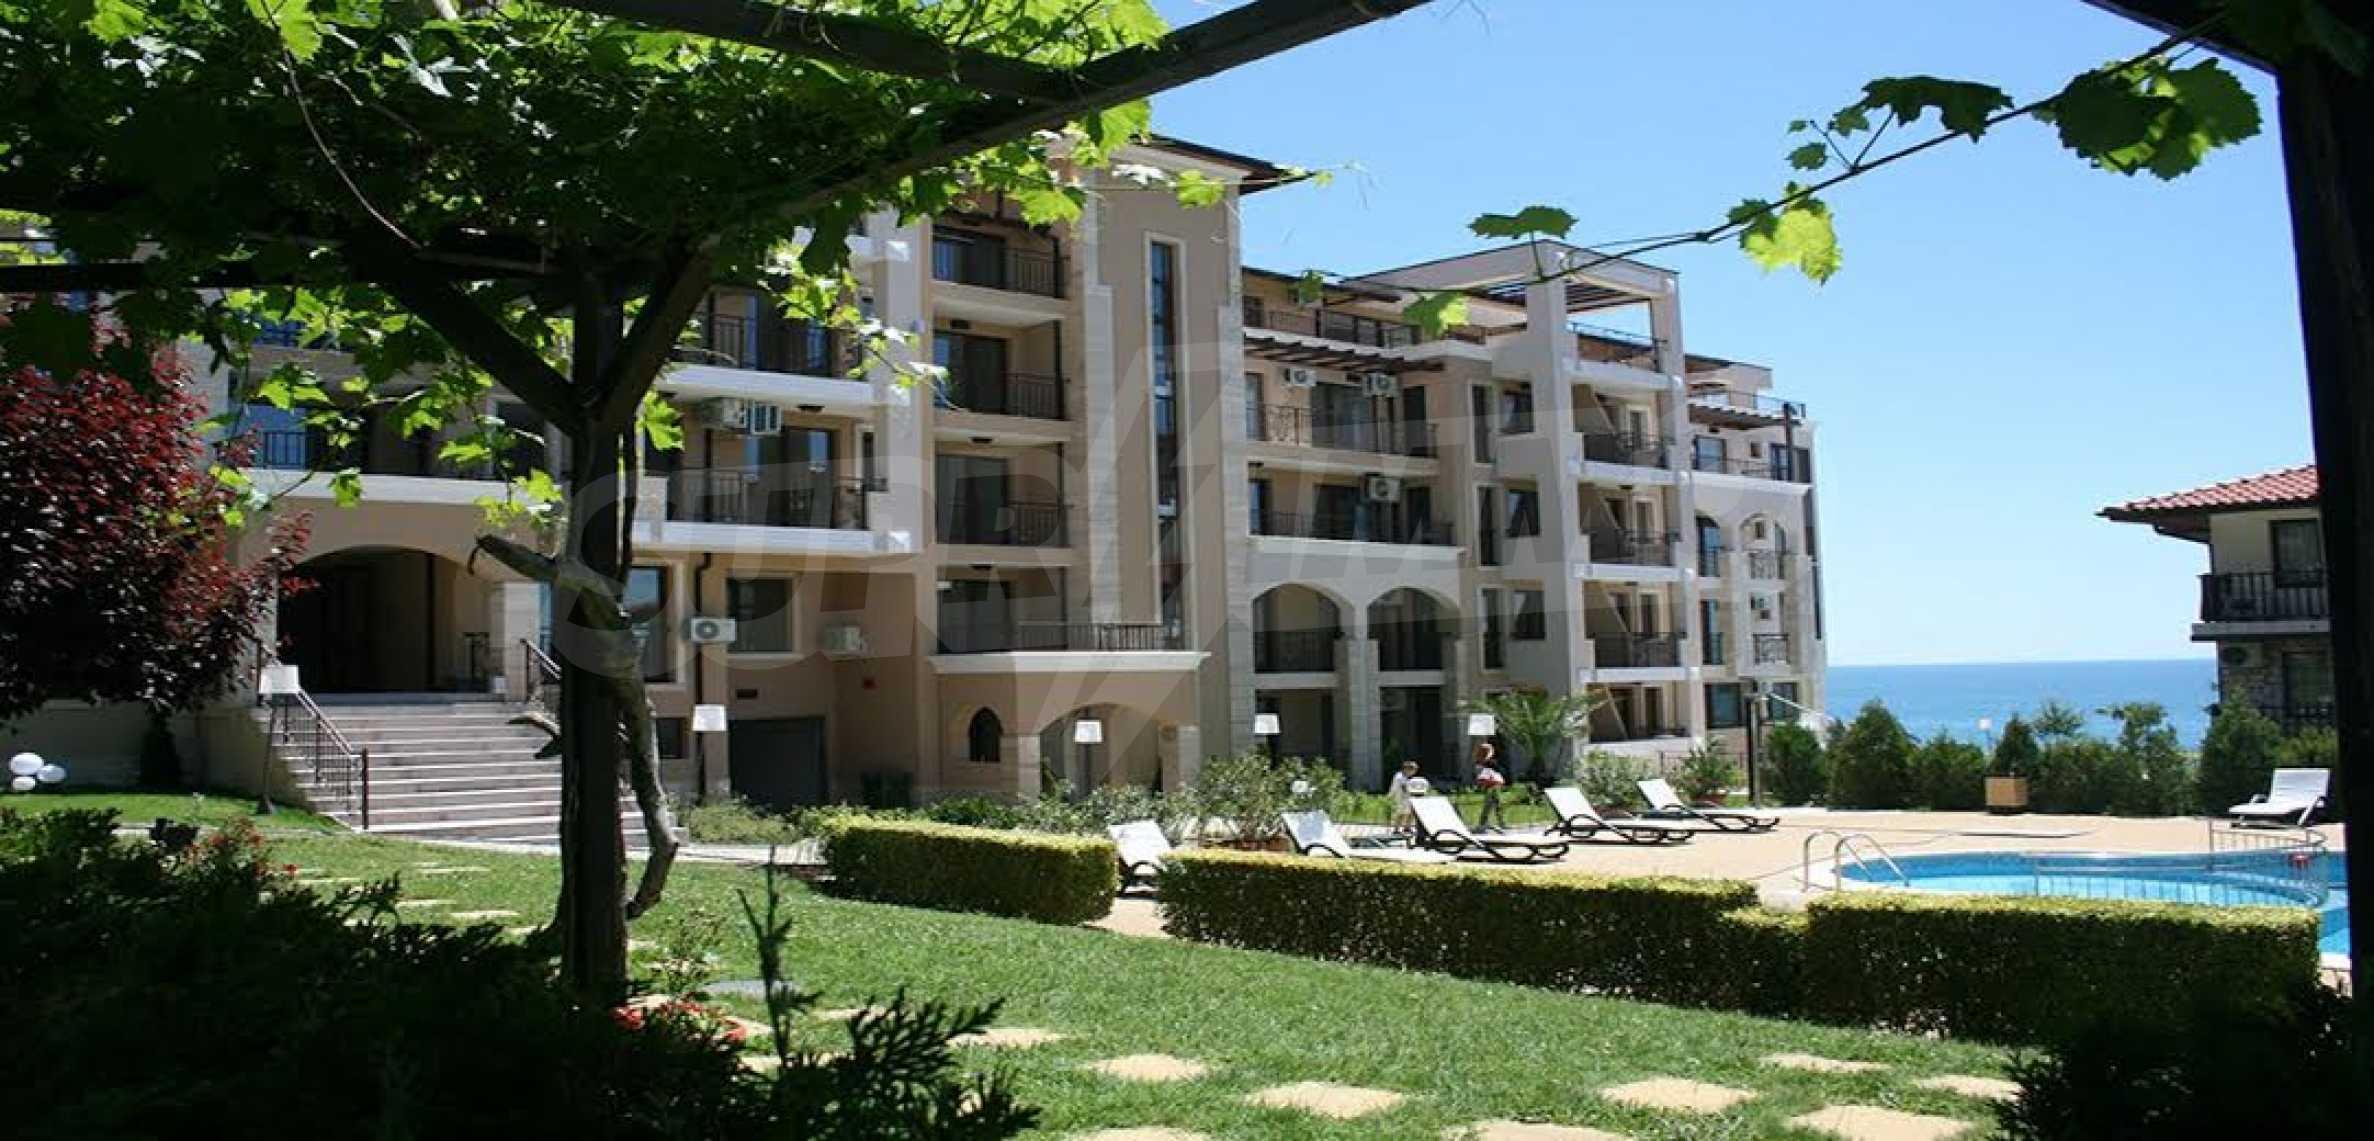 Porto Paradiso - Luxuswohnungen am Meer 5